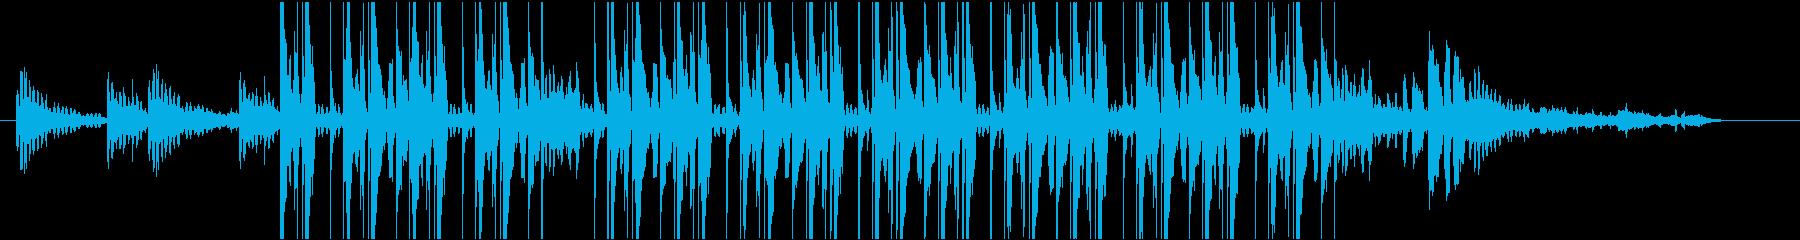 リラックスできるChillHop風BGMの再生済みの波形